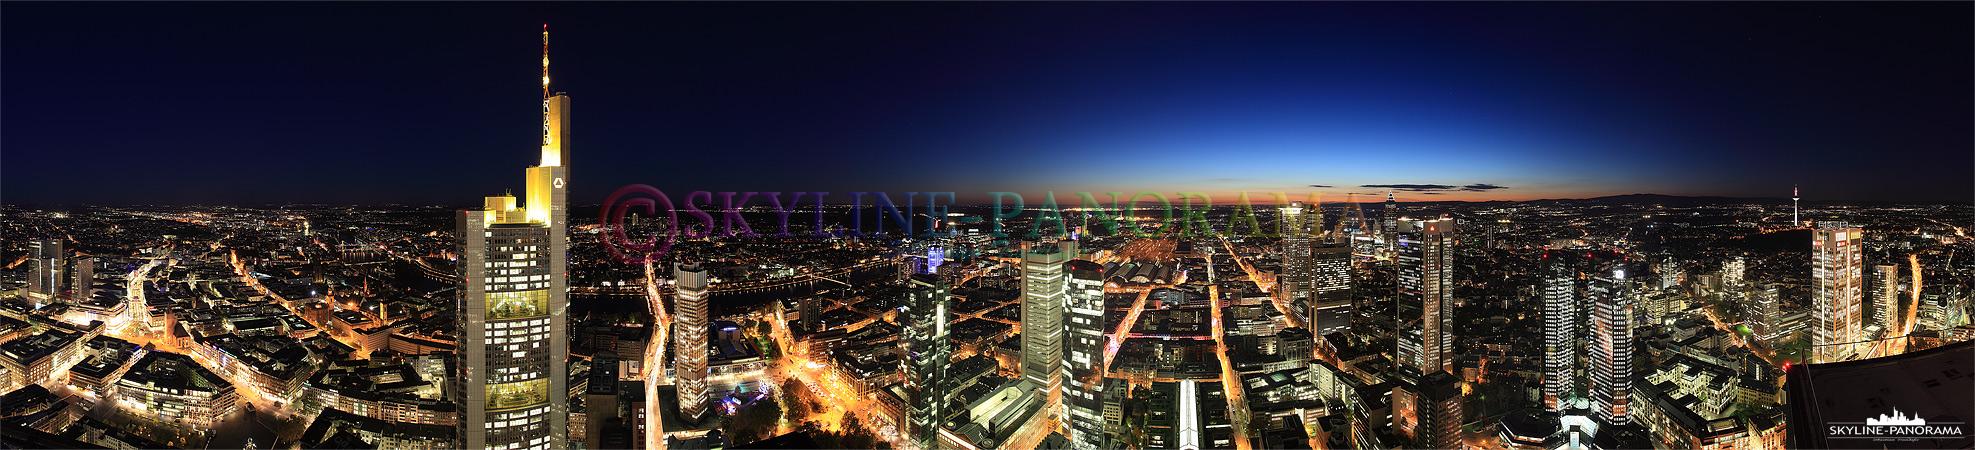 Das Lichtermeer von Frankfurt am Main als Panorama von der Aussichtsplattform des Maintowers aus gesehen - der Ausblick zur Nacht geht fast über das gesamte Stadtgebiet der Frankfurter City.